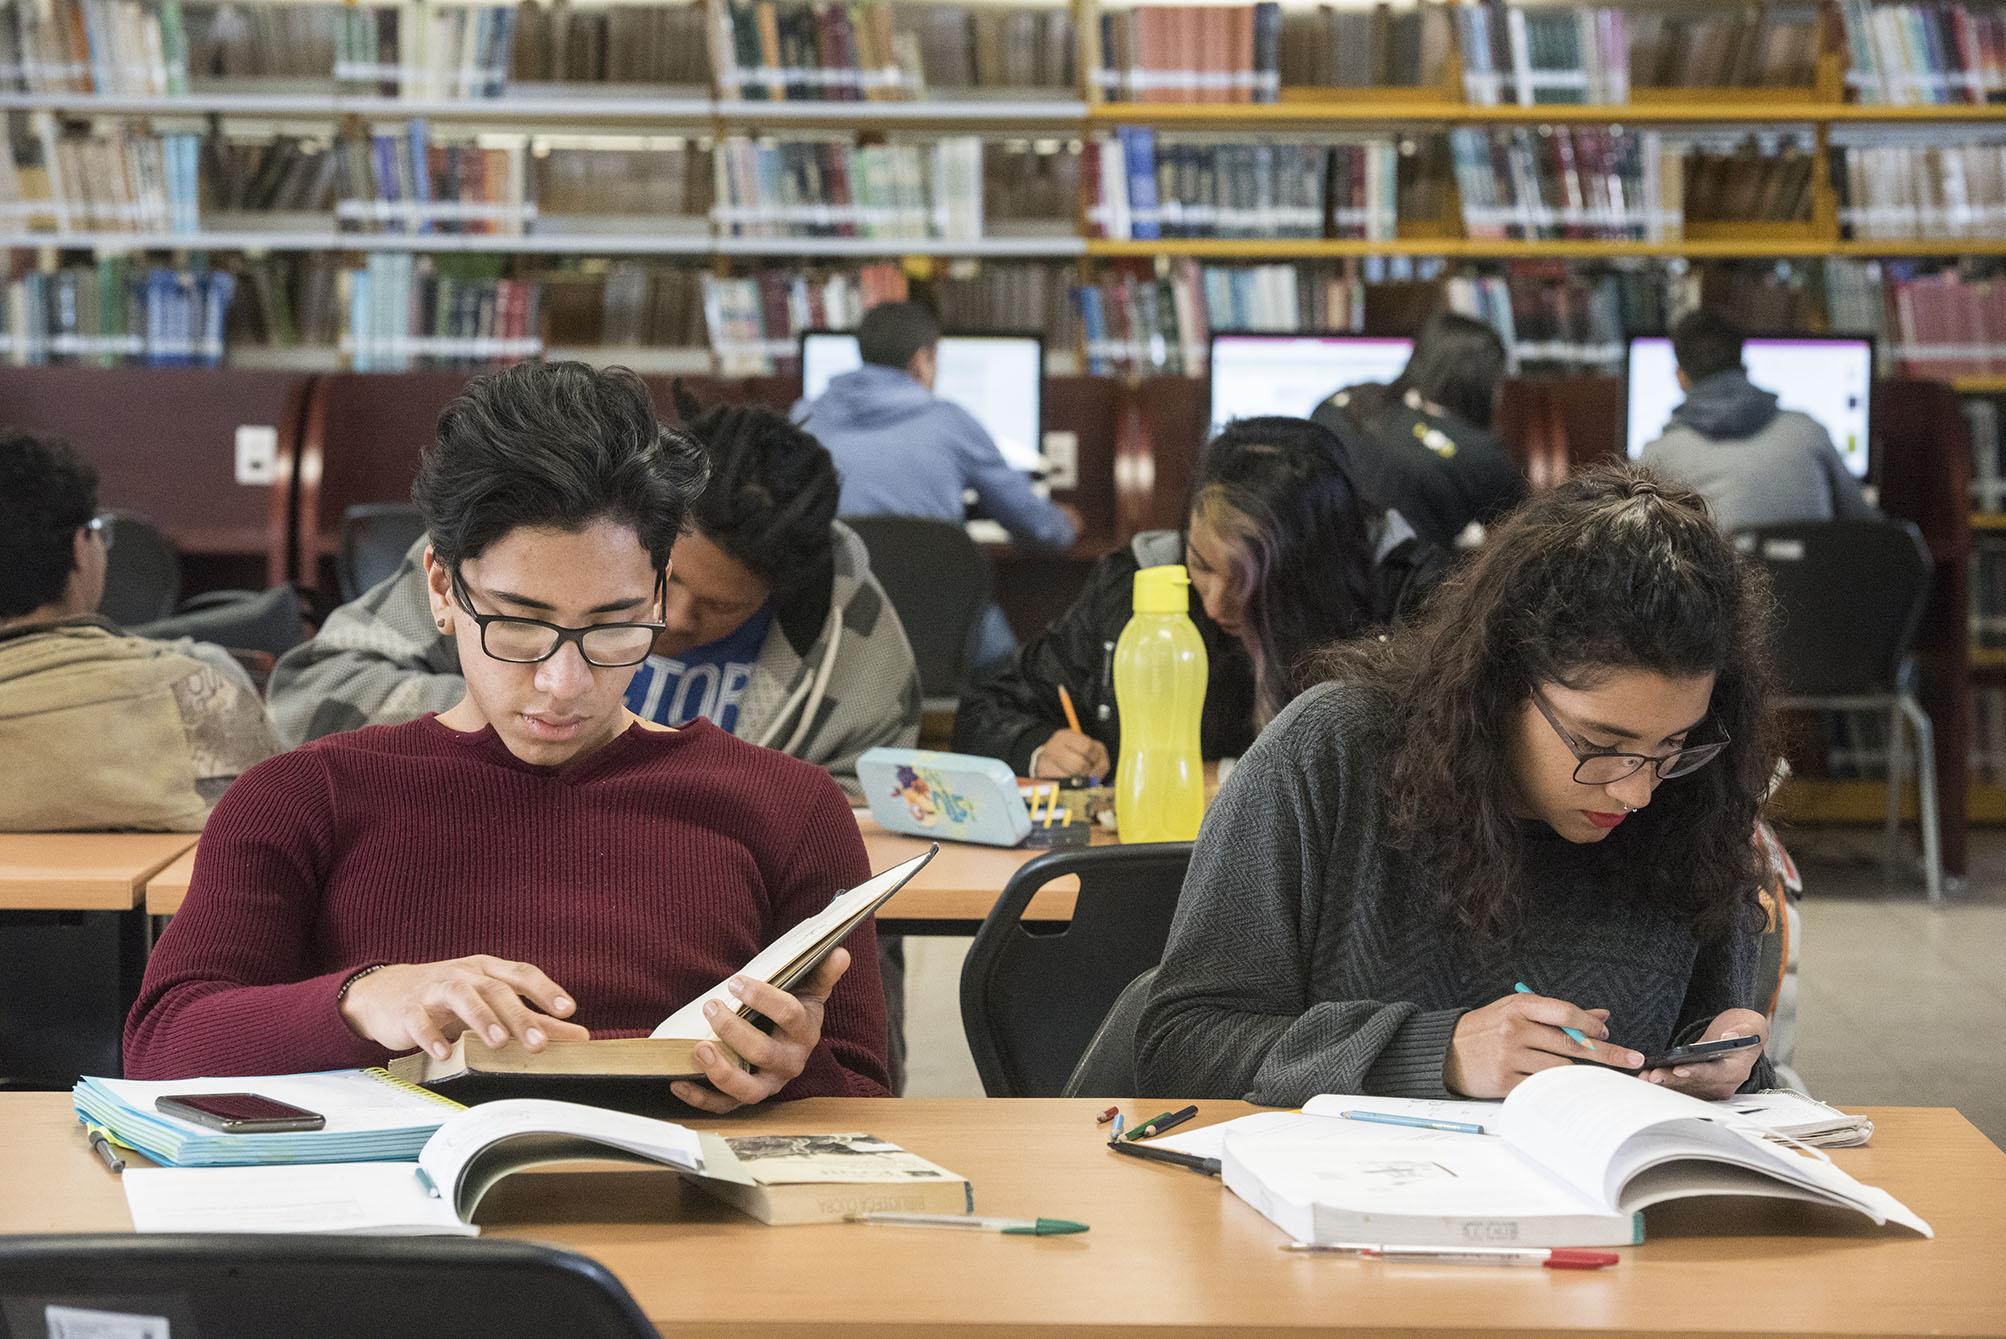 Alumnos de la Universidad de Guadalajara, estudiando en la biblioteca.